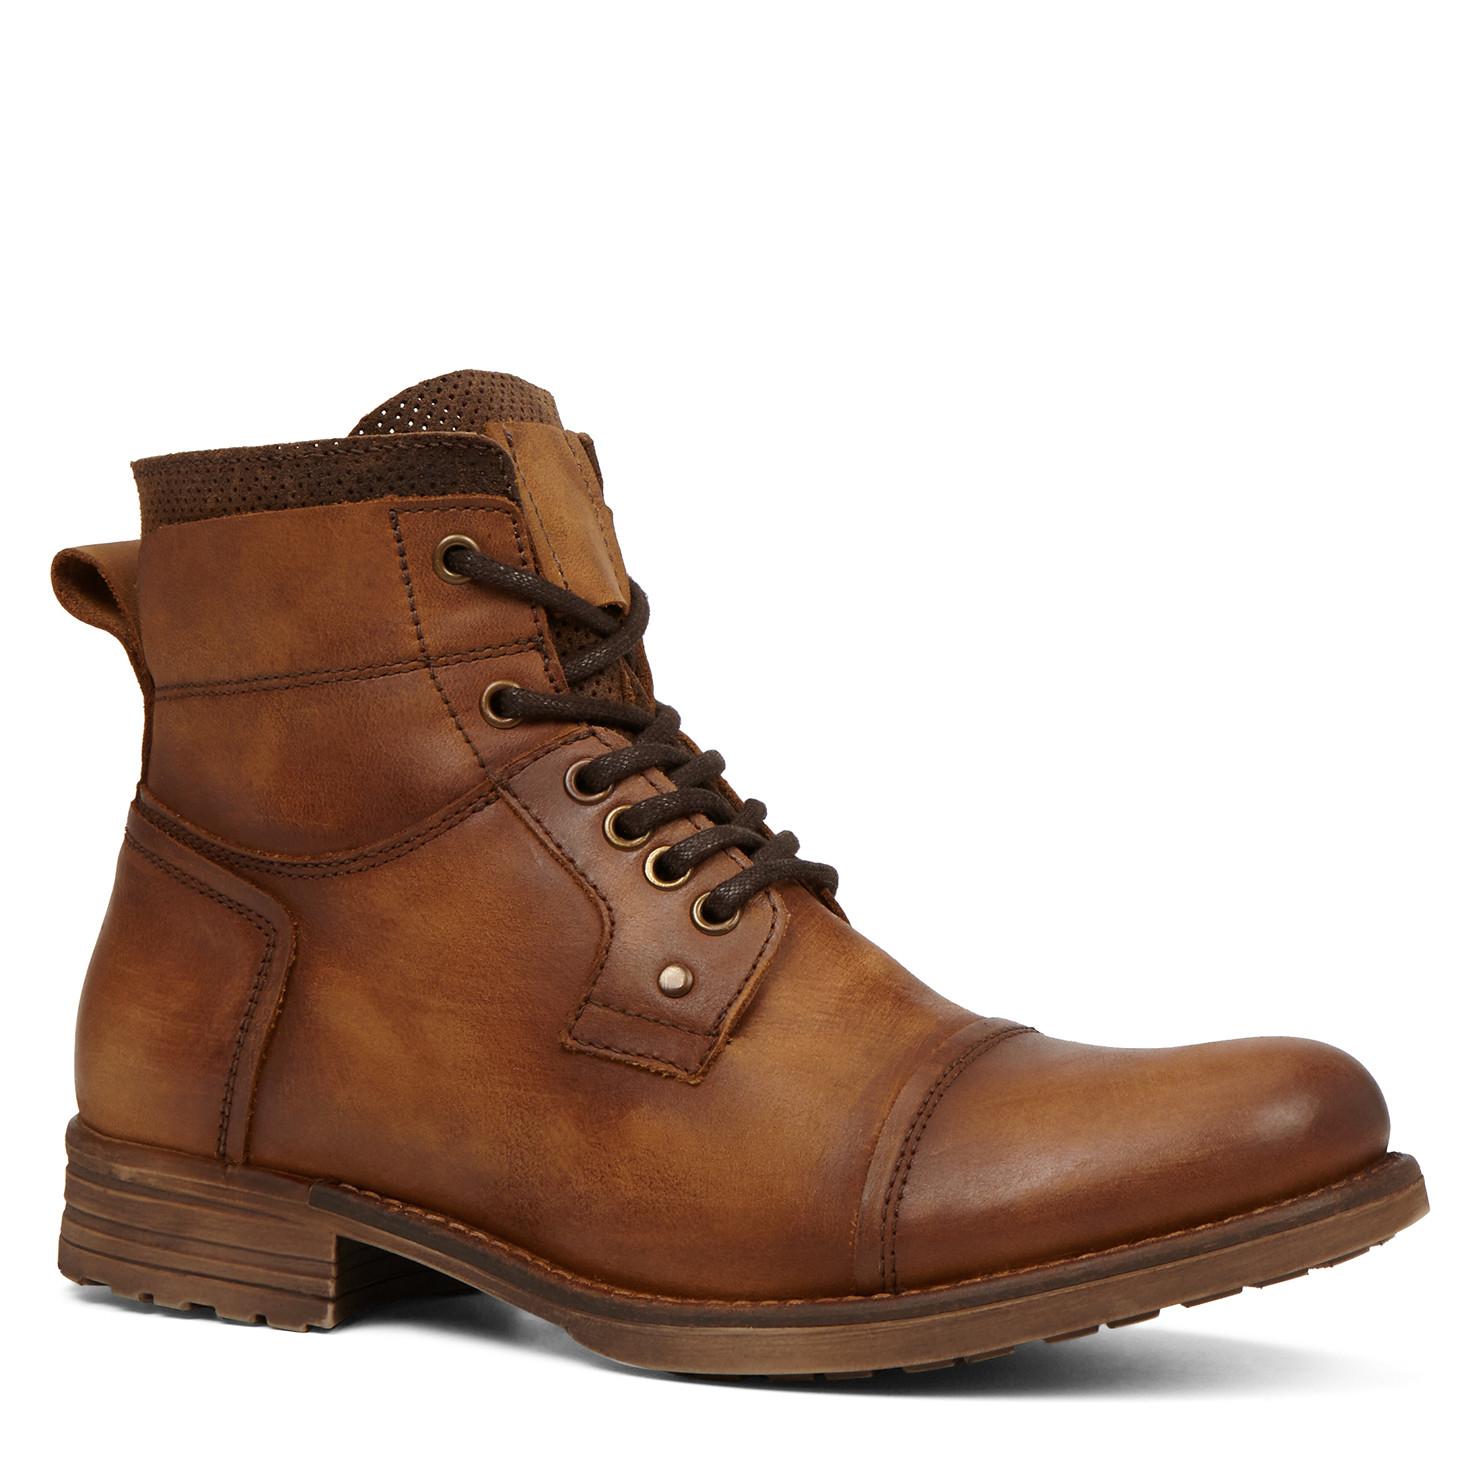 Aldo High Top Shoes